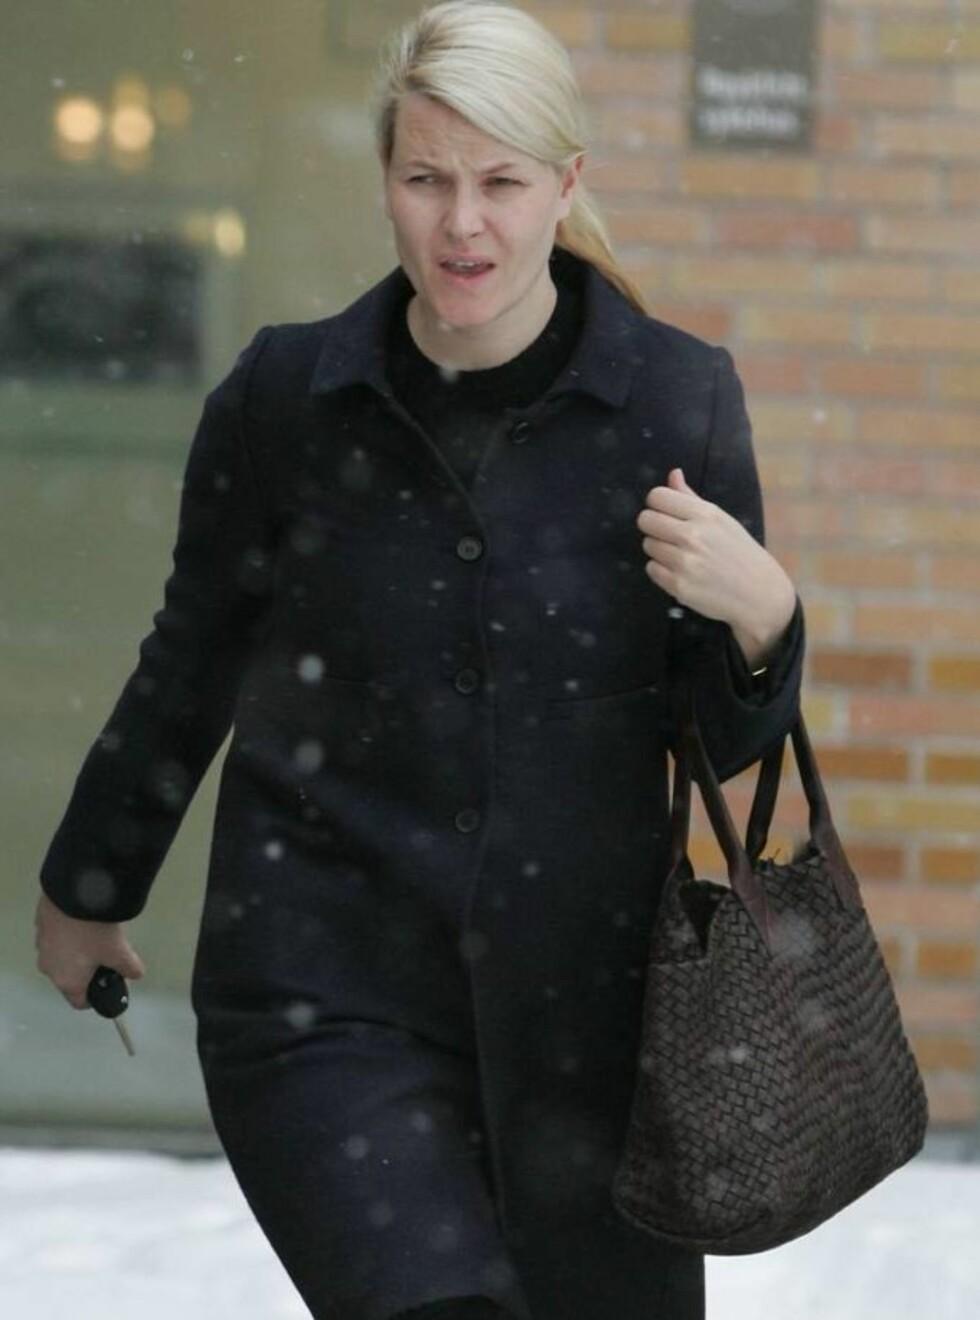 OVERNATTET: Kronprinsesse Mette-Marit på vei ut fra Rikshospitalet etter å ha tilbrakt natten på sykehuset sammen med sin syke sønn. Foto: Se og Hør